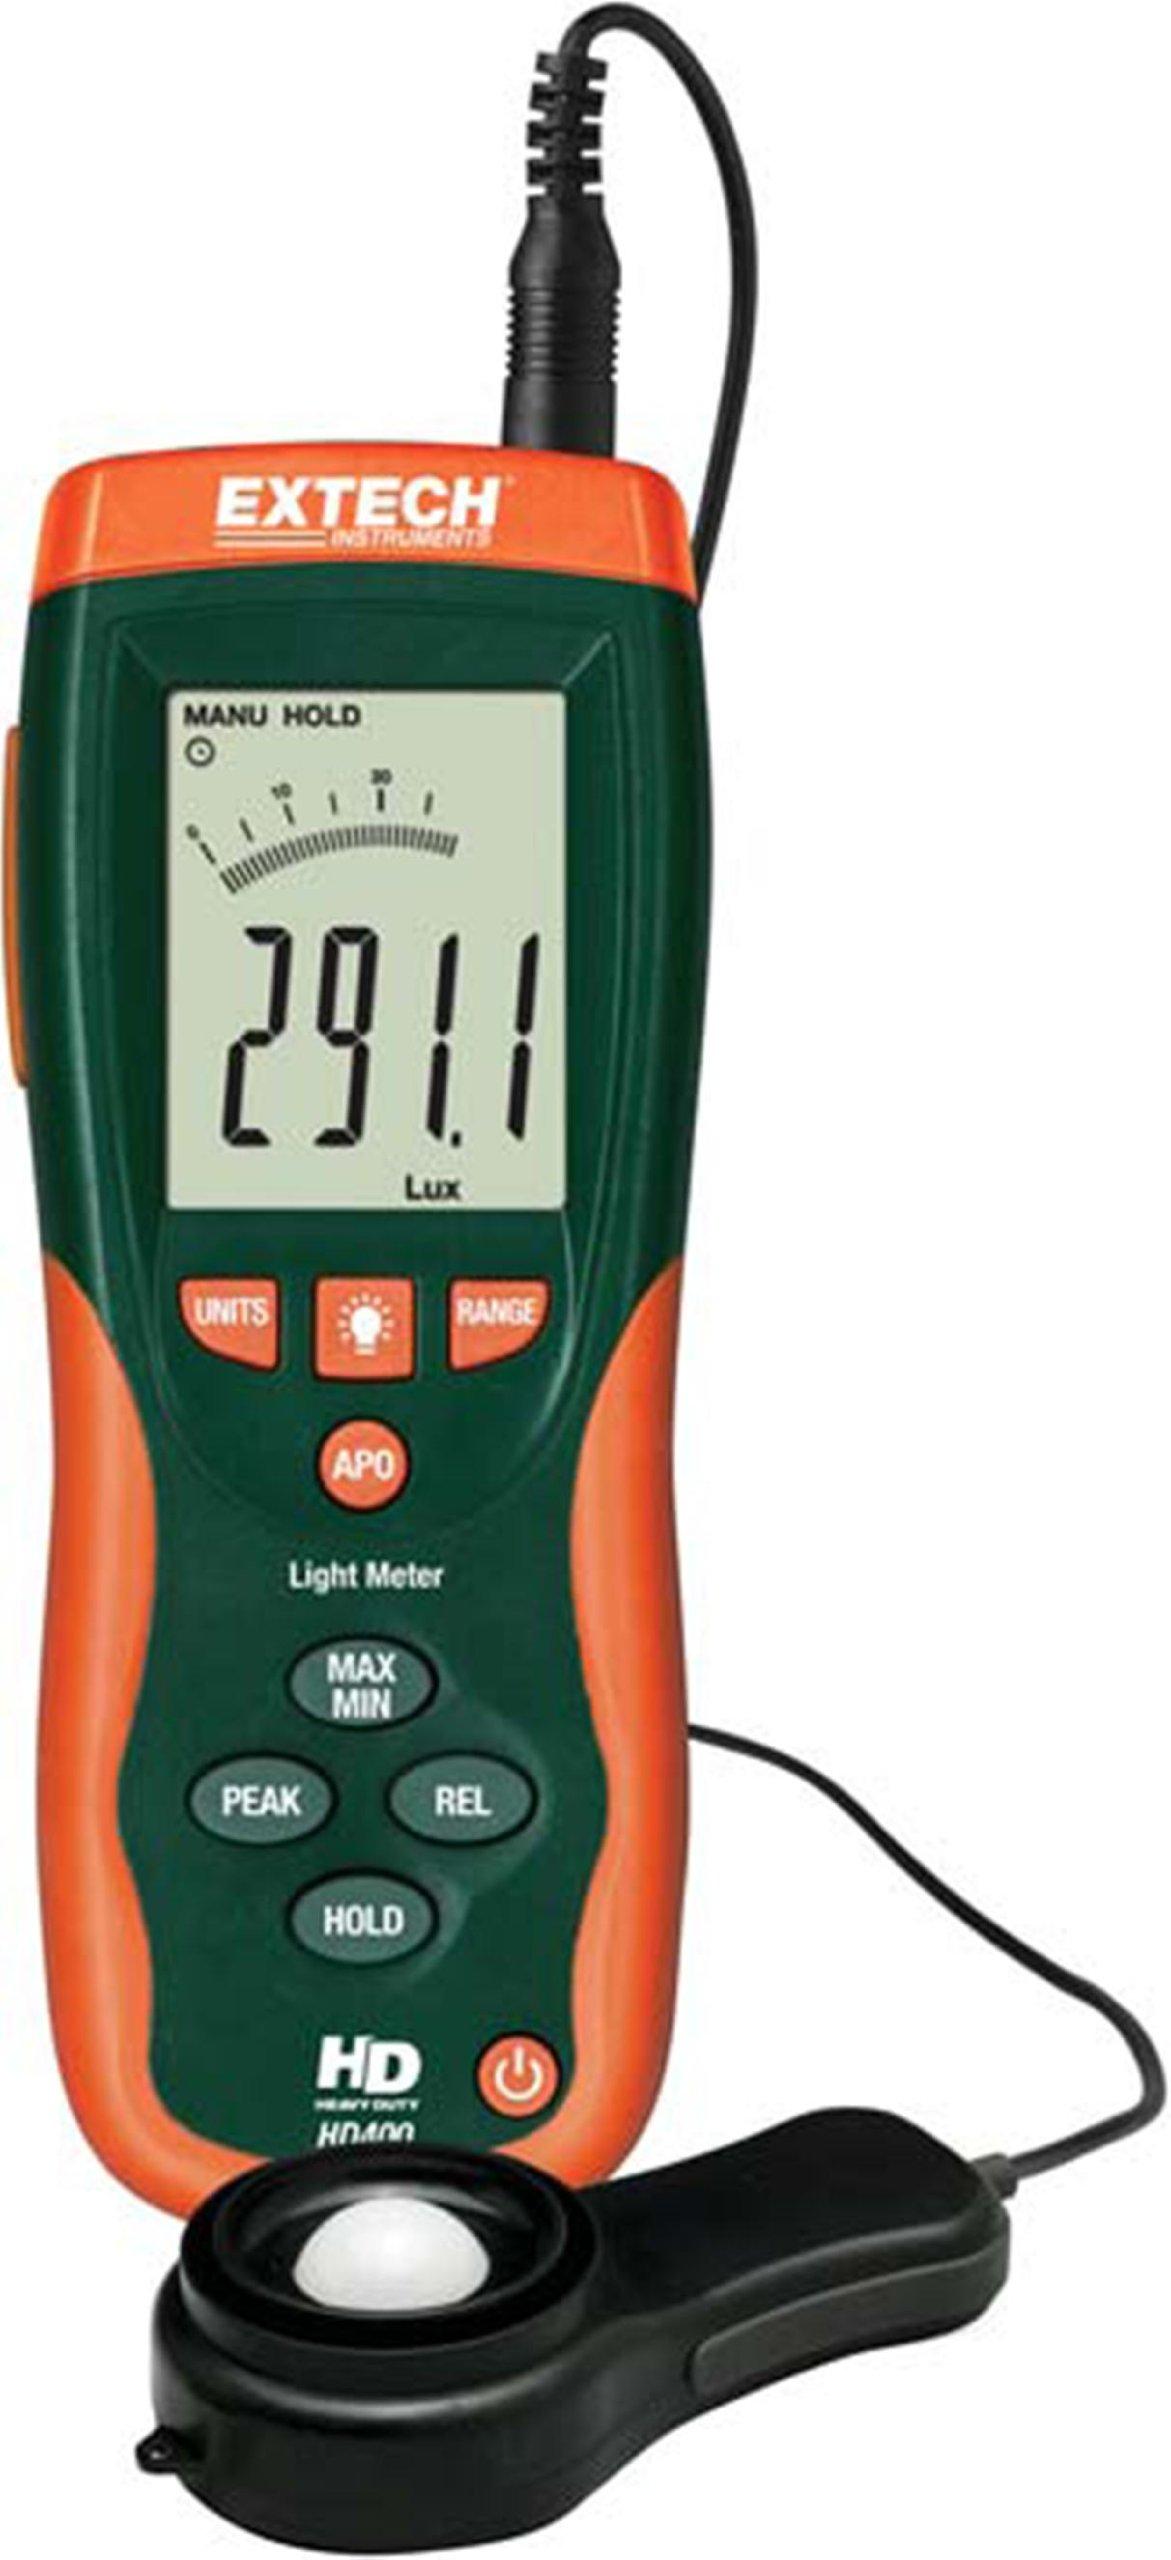 Extech HD400 Light Meter